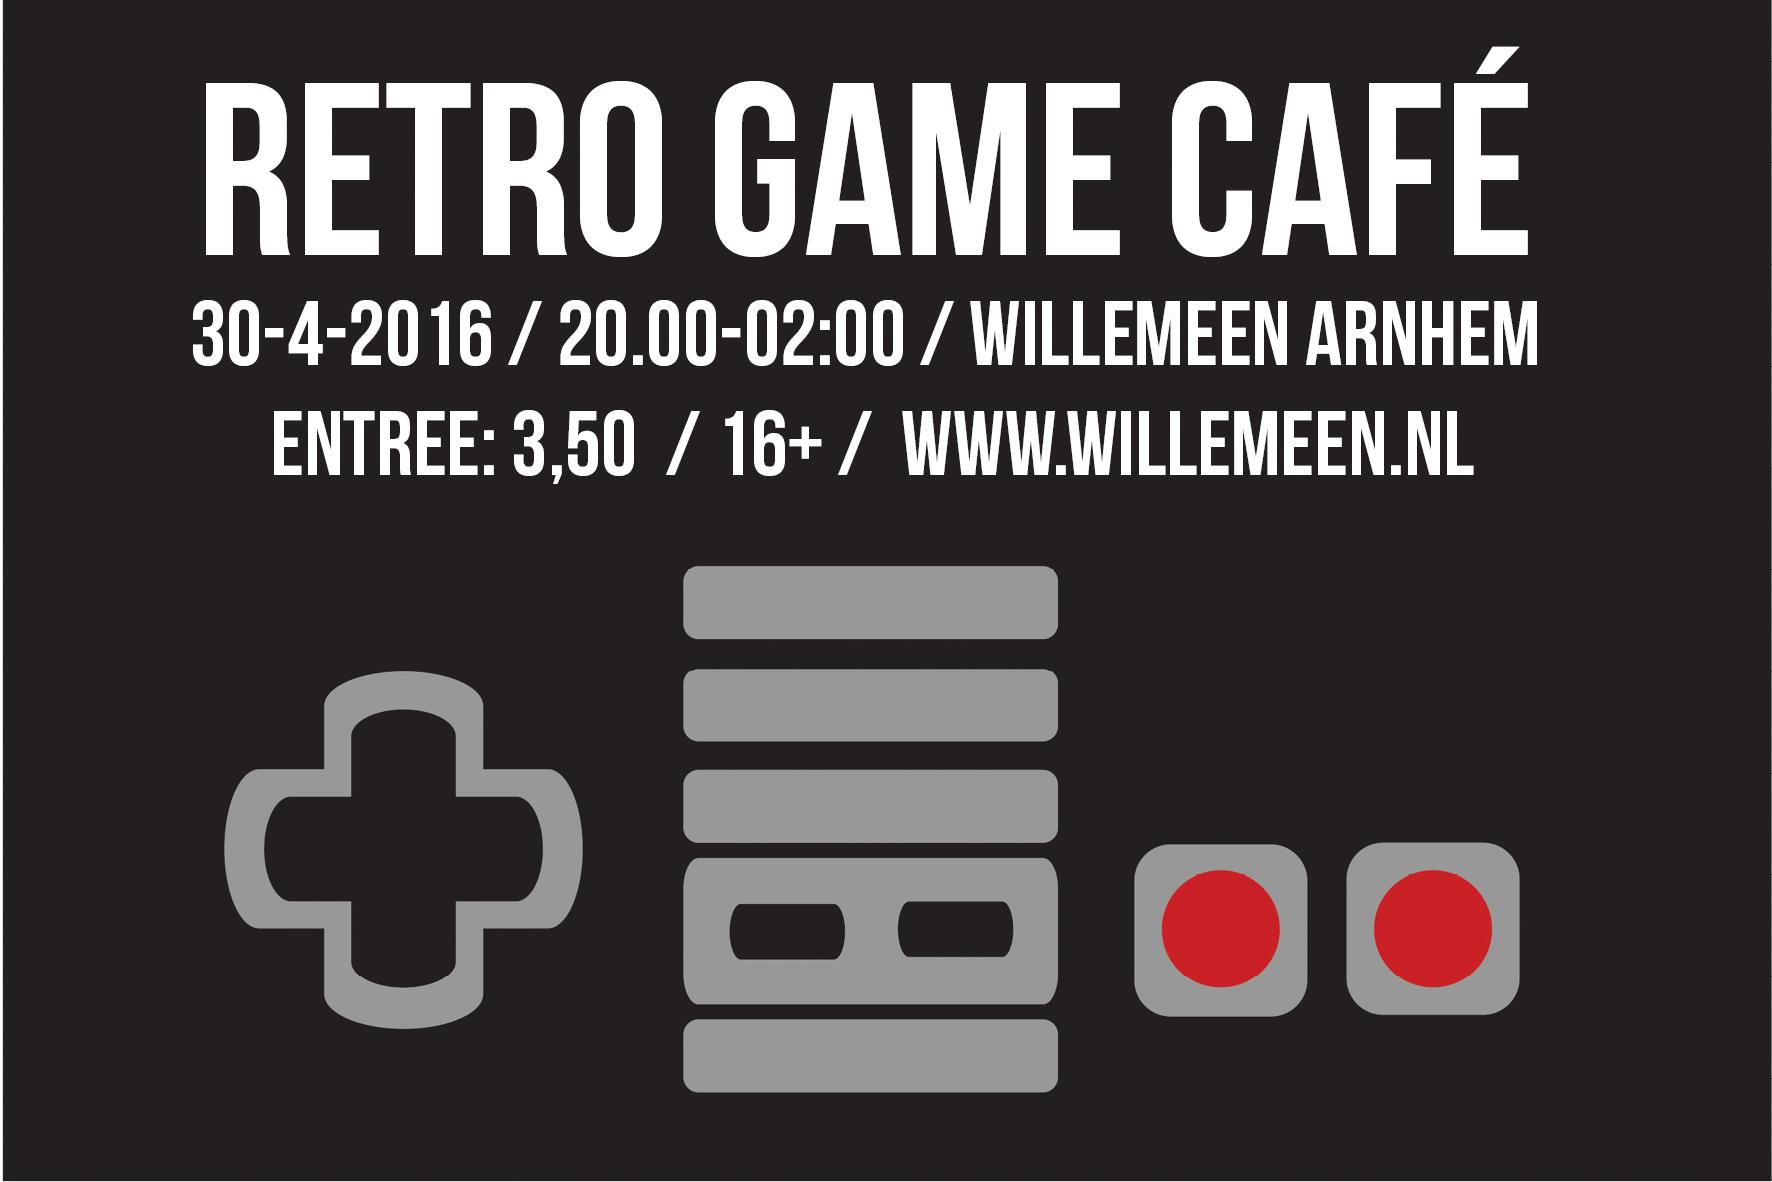 Game Café Arnhem